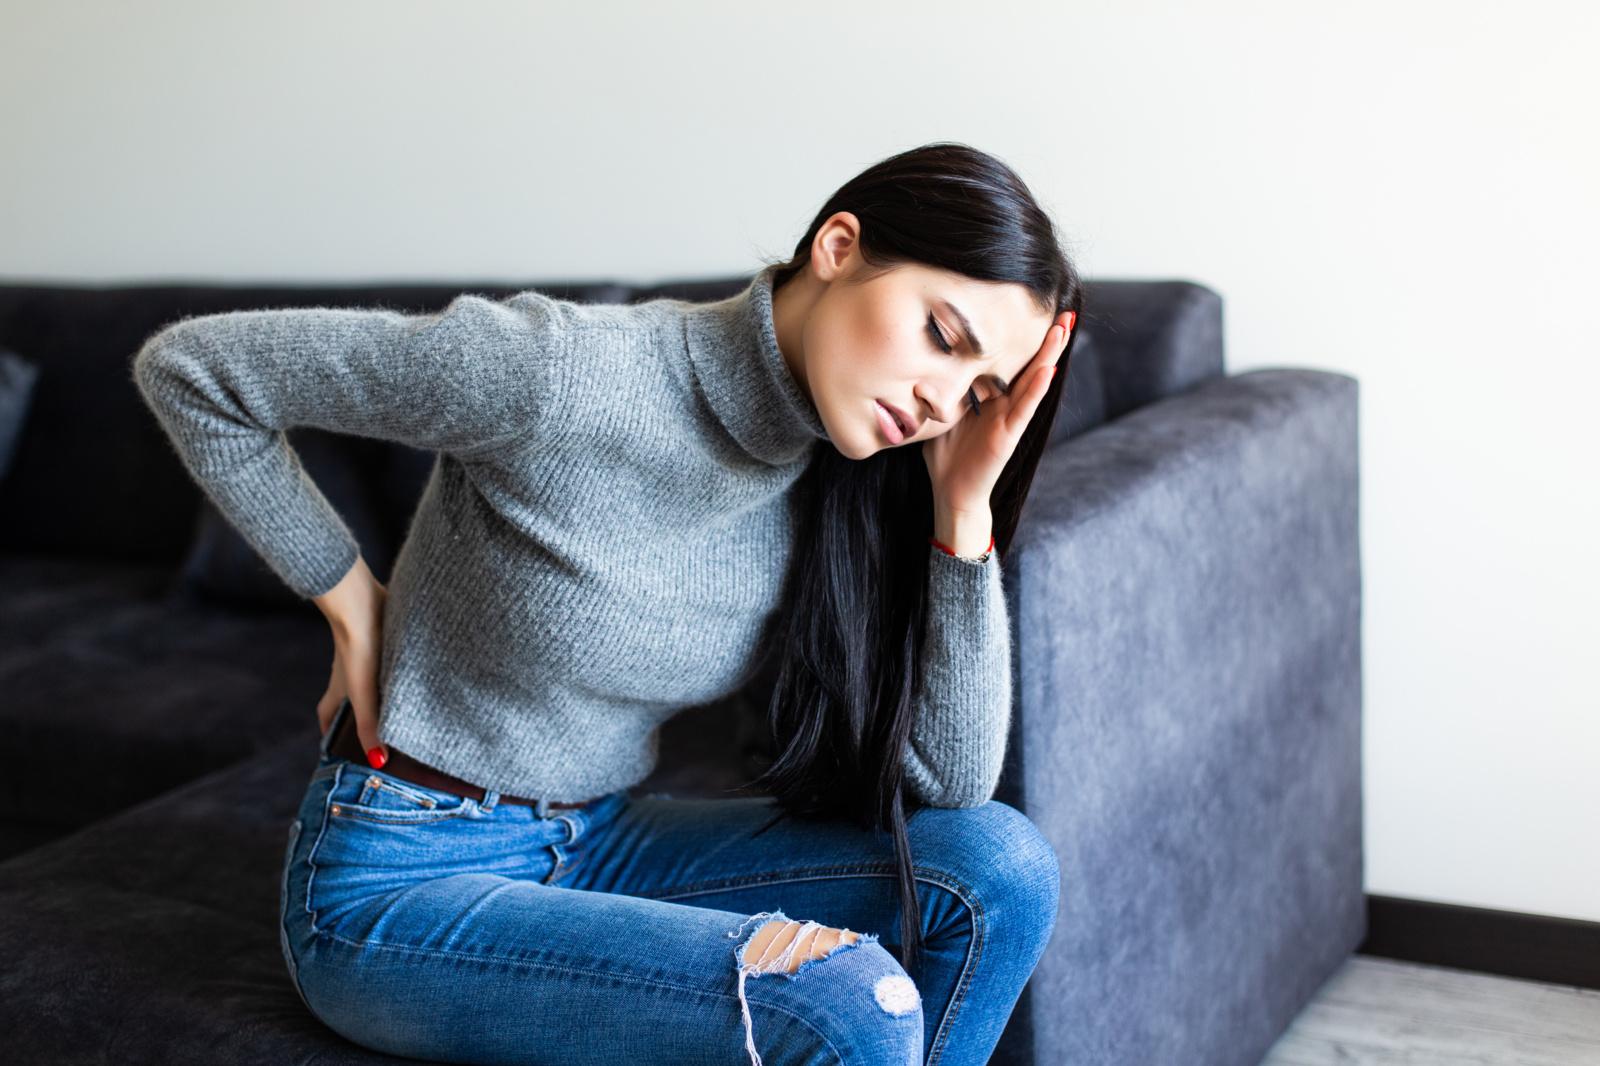 Veiksmingi būdai, kaip palengvinti skausmą be vaistų